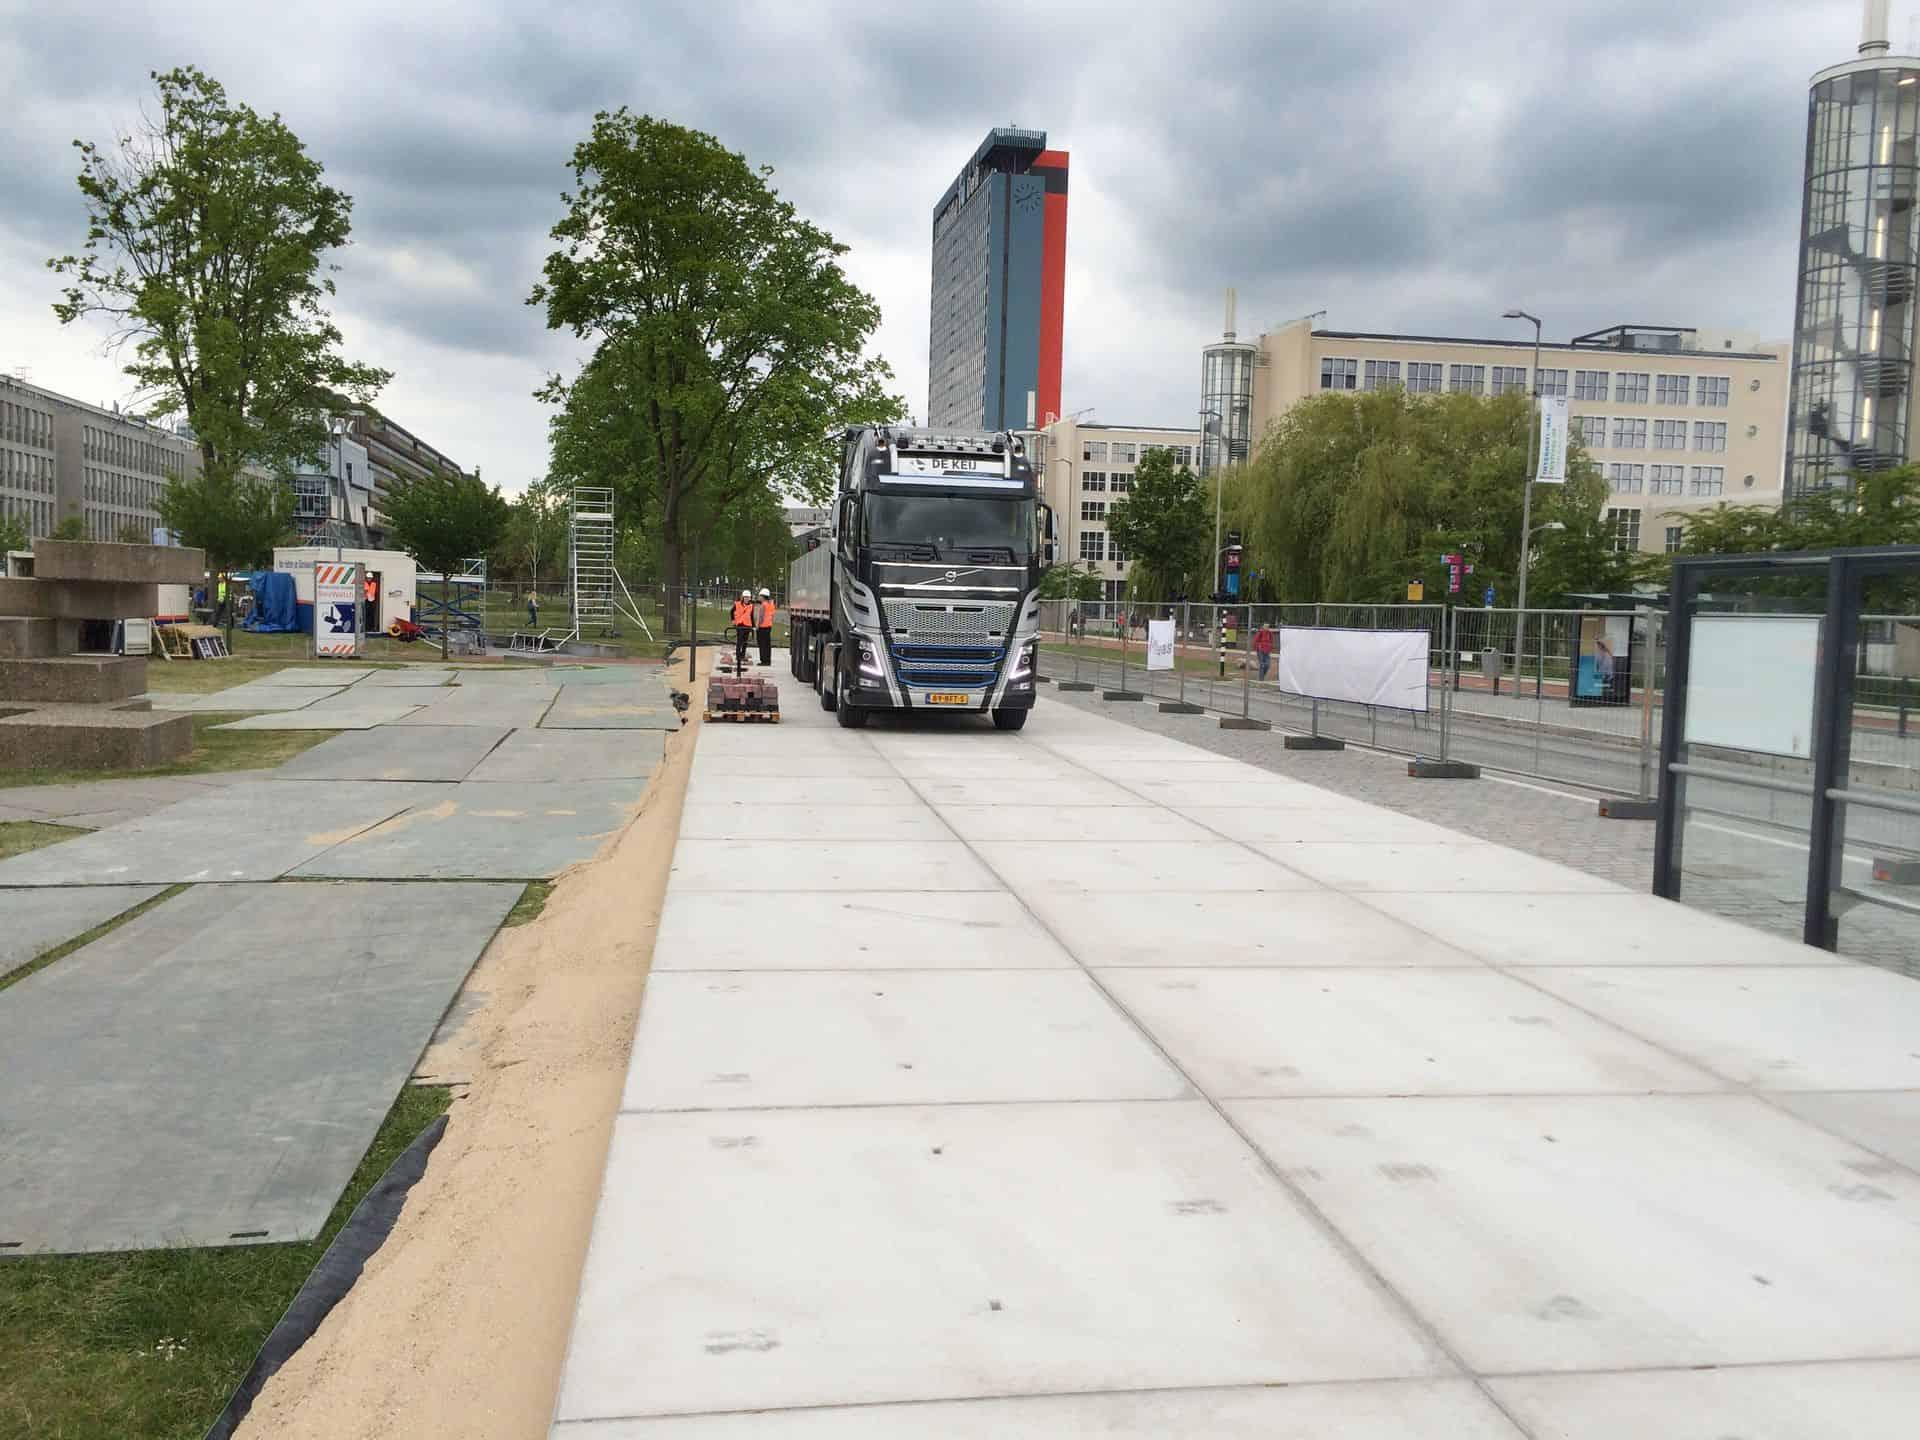 Project TU Delft | Tijdelijke terreinverharding voor krattenbrug